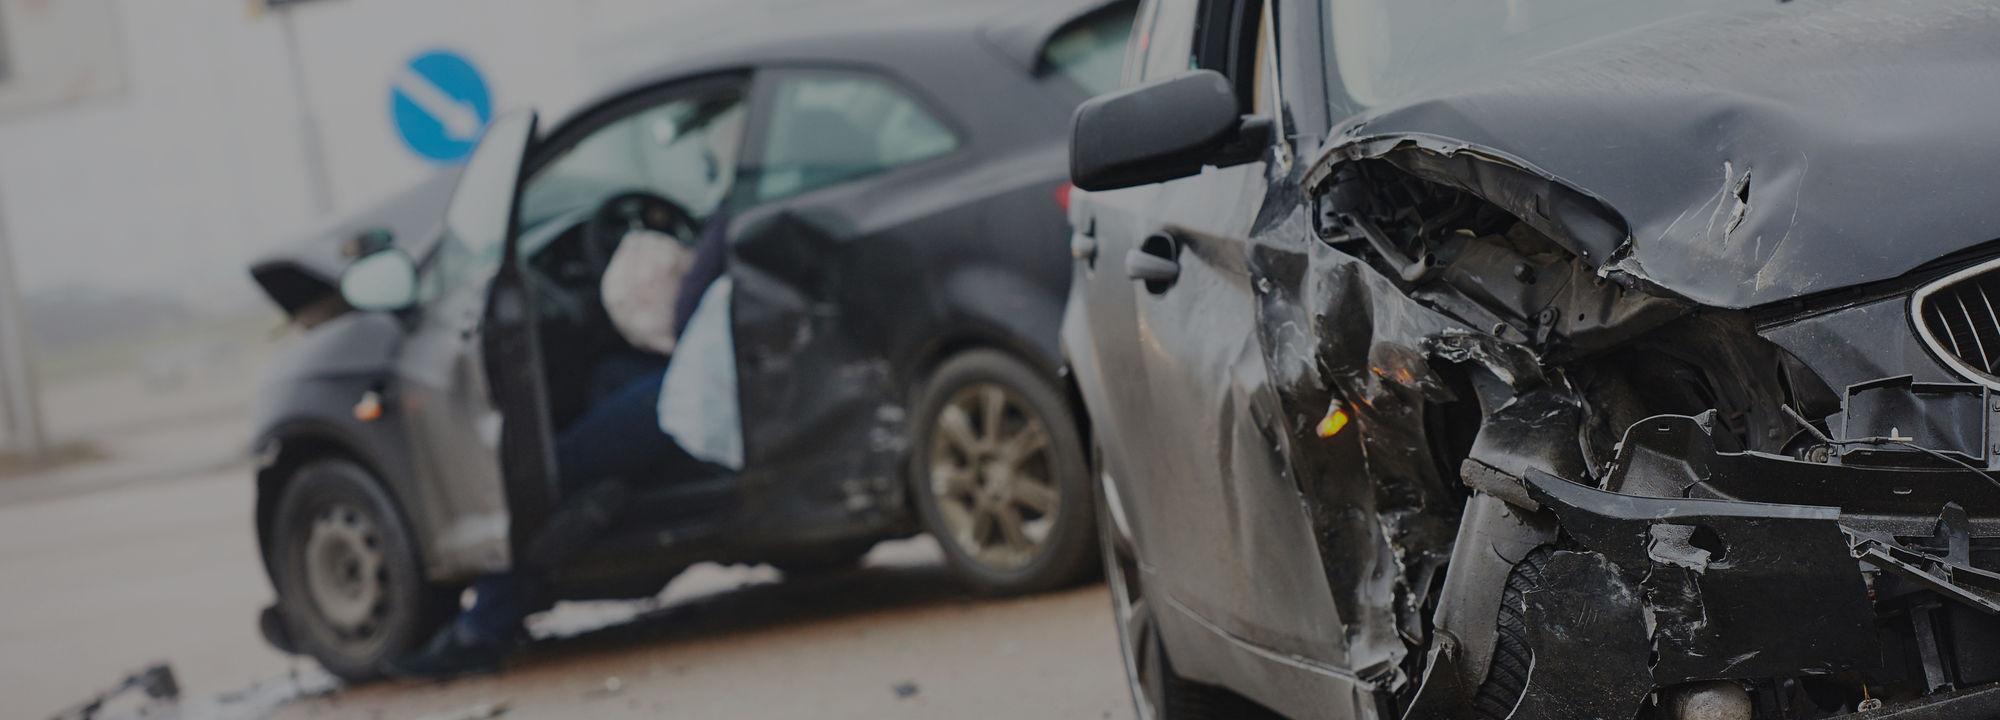 Car Accident Attorney in Colorado Springs